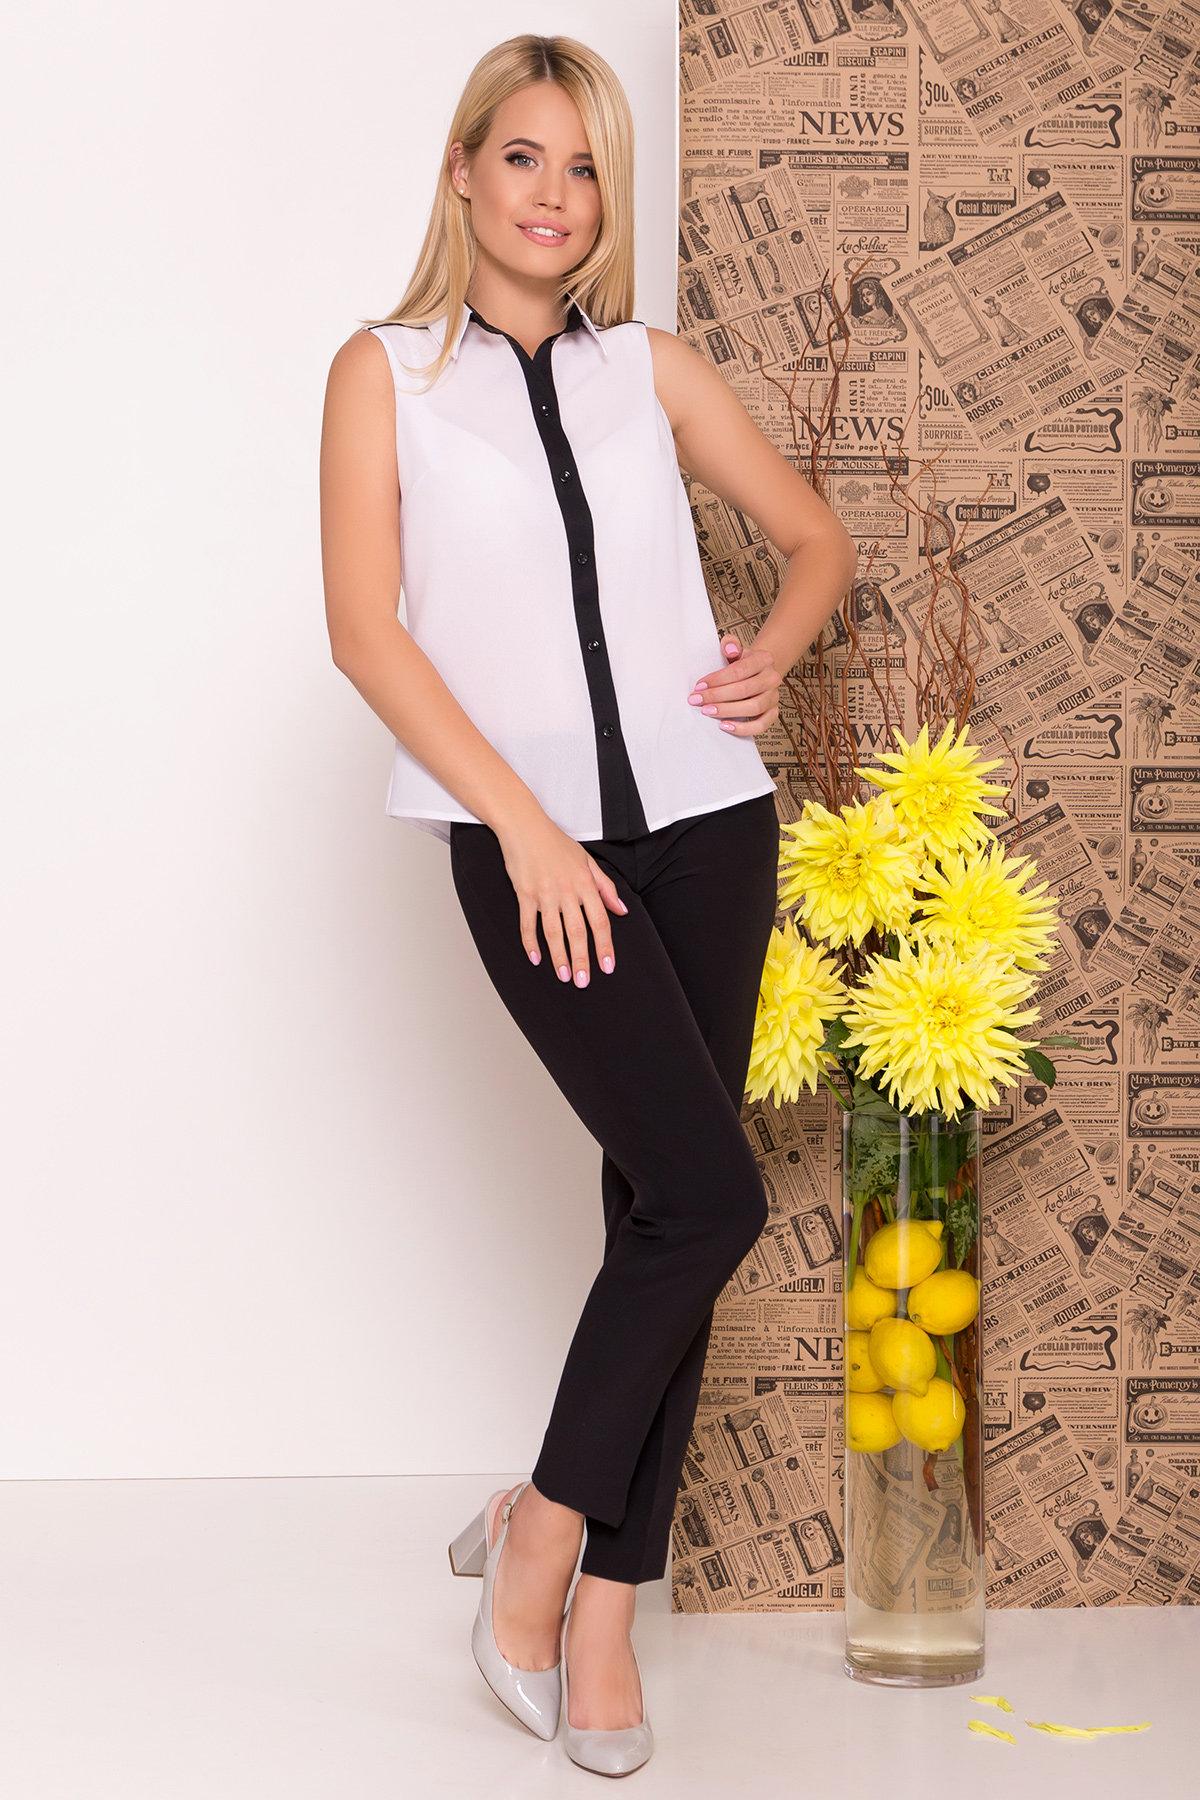 Блуза Ариана 7729 АРТ. 43635 Цвет: Белый/черный - фото 1, интернет магазин tm-modus.ru